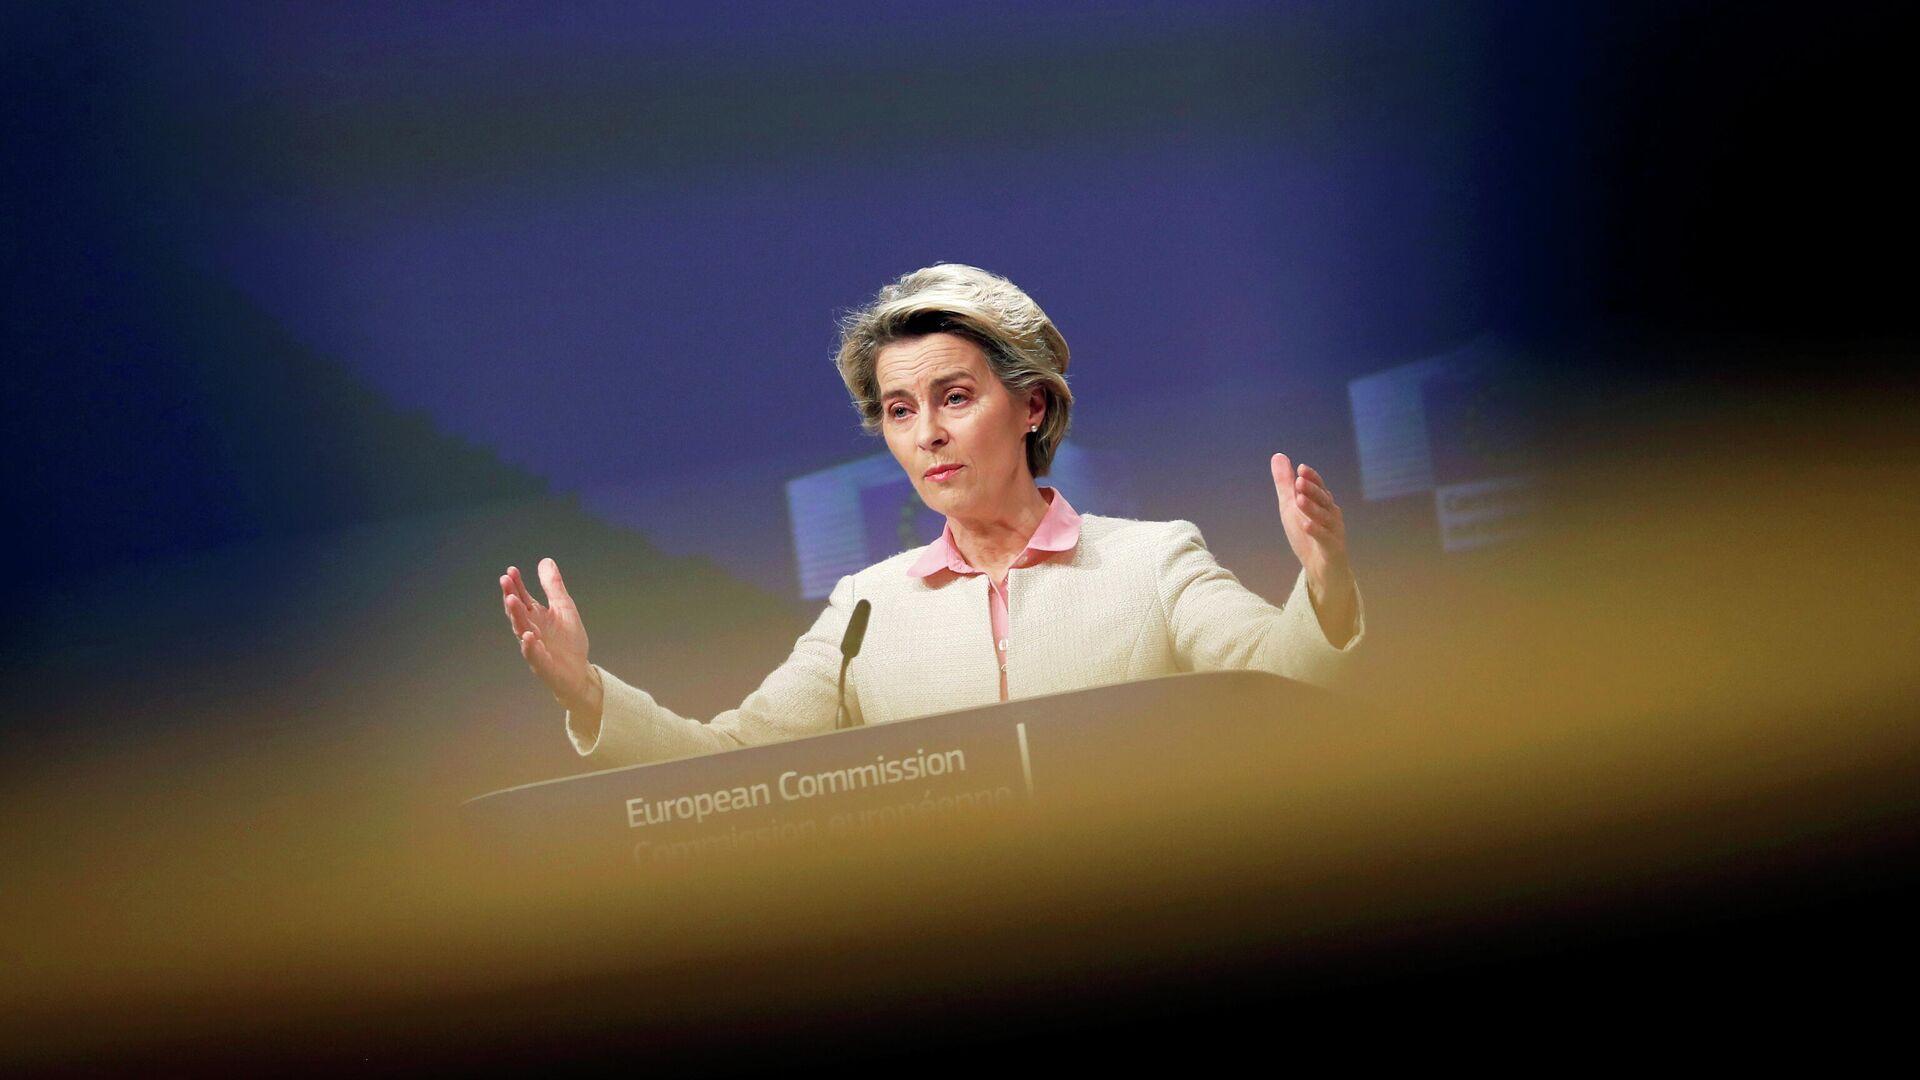 Die Präsidentin der EU-Kommission Ursula von der Leyen gibt eine Erklärung zum Ergebnis der Brexit-Verhandlungen ab (24.12.2020, Brüssel, Belgien) - SNA, 1920, 08.01.2021